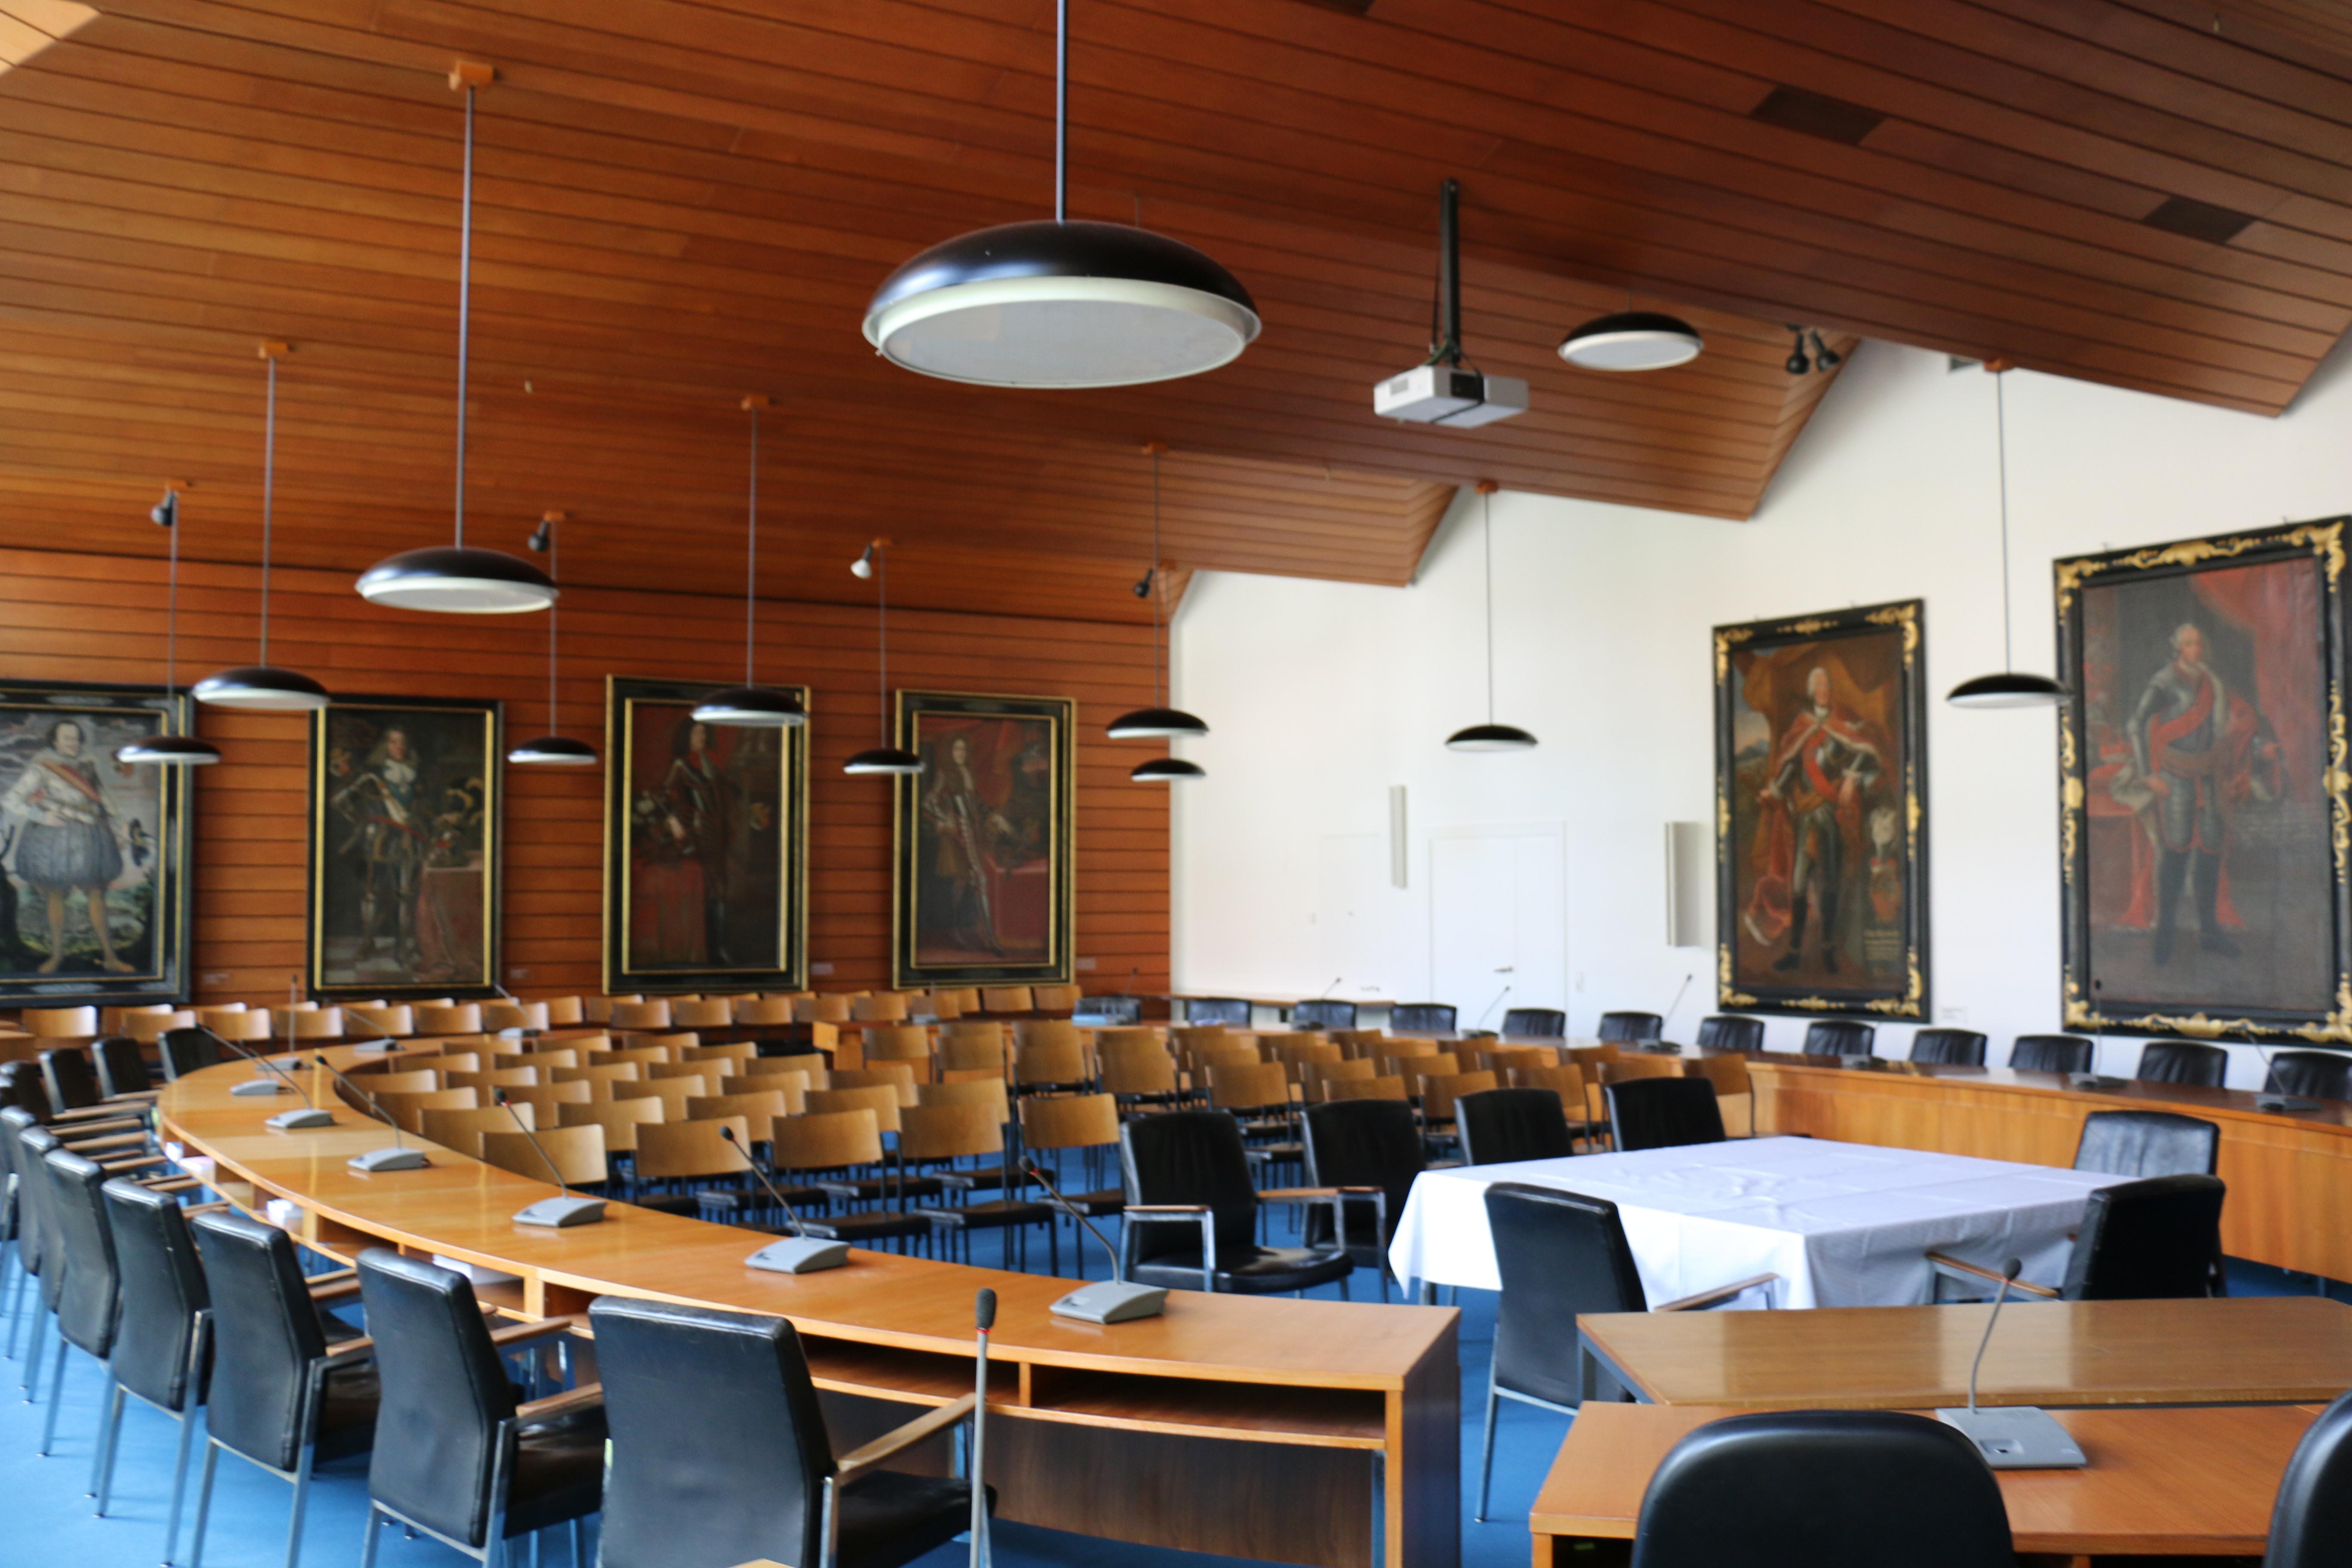 Großer Sitzungssaal im Rathaus in Kirchheim unter Teck mit Bestuhlung